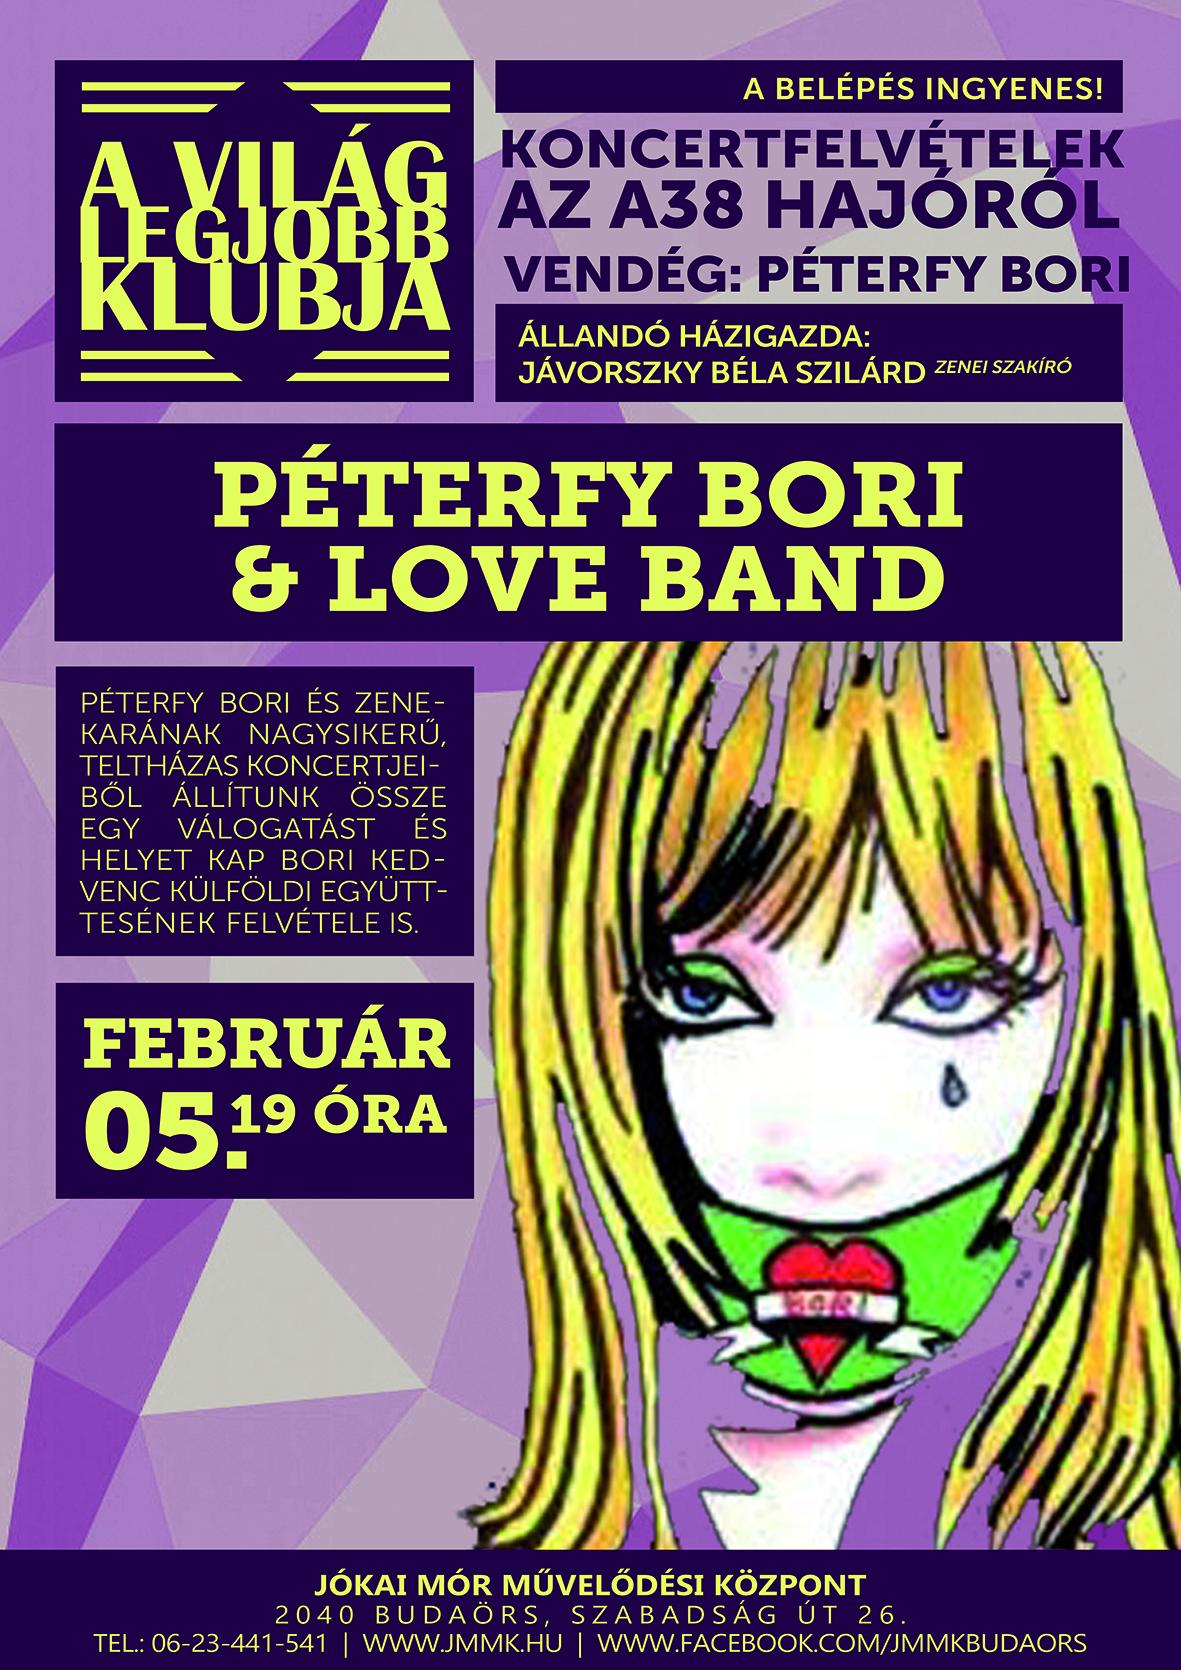 PéterfyBori-plakát